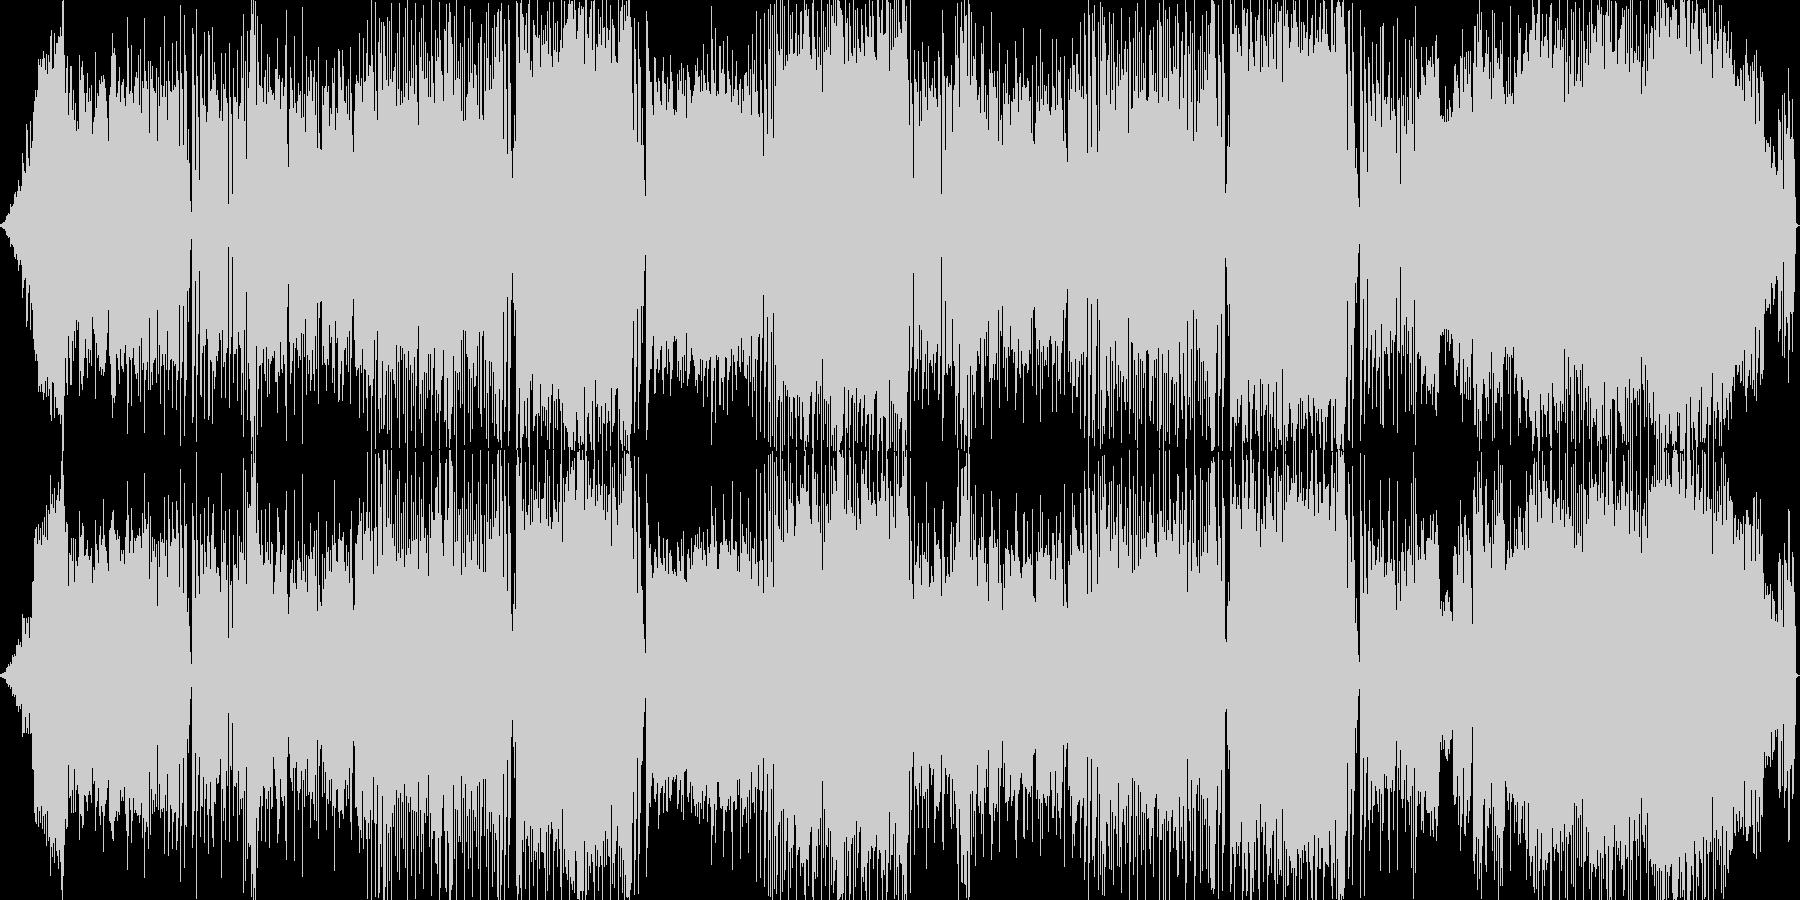 和風 レゲエ風のリズムのバラードの未再生の波形